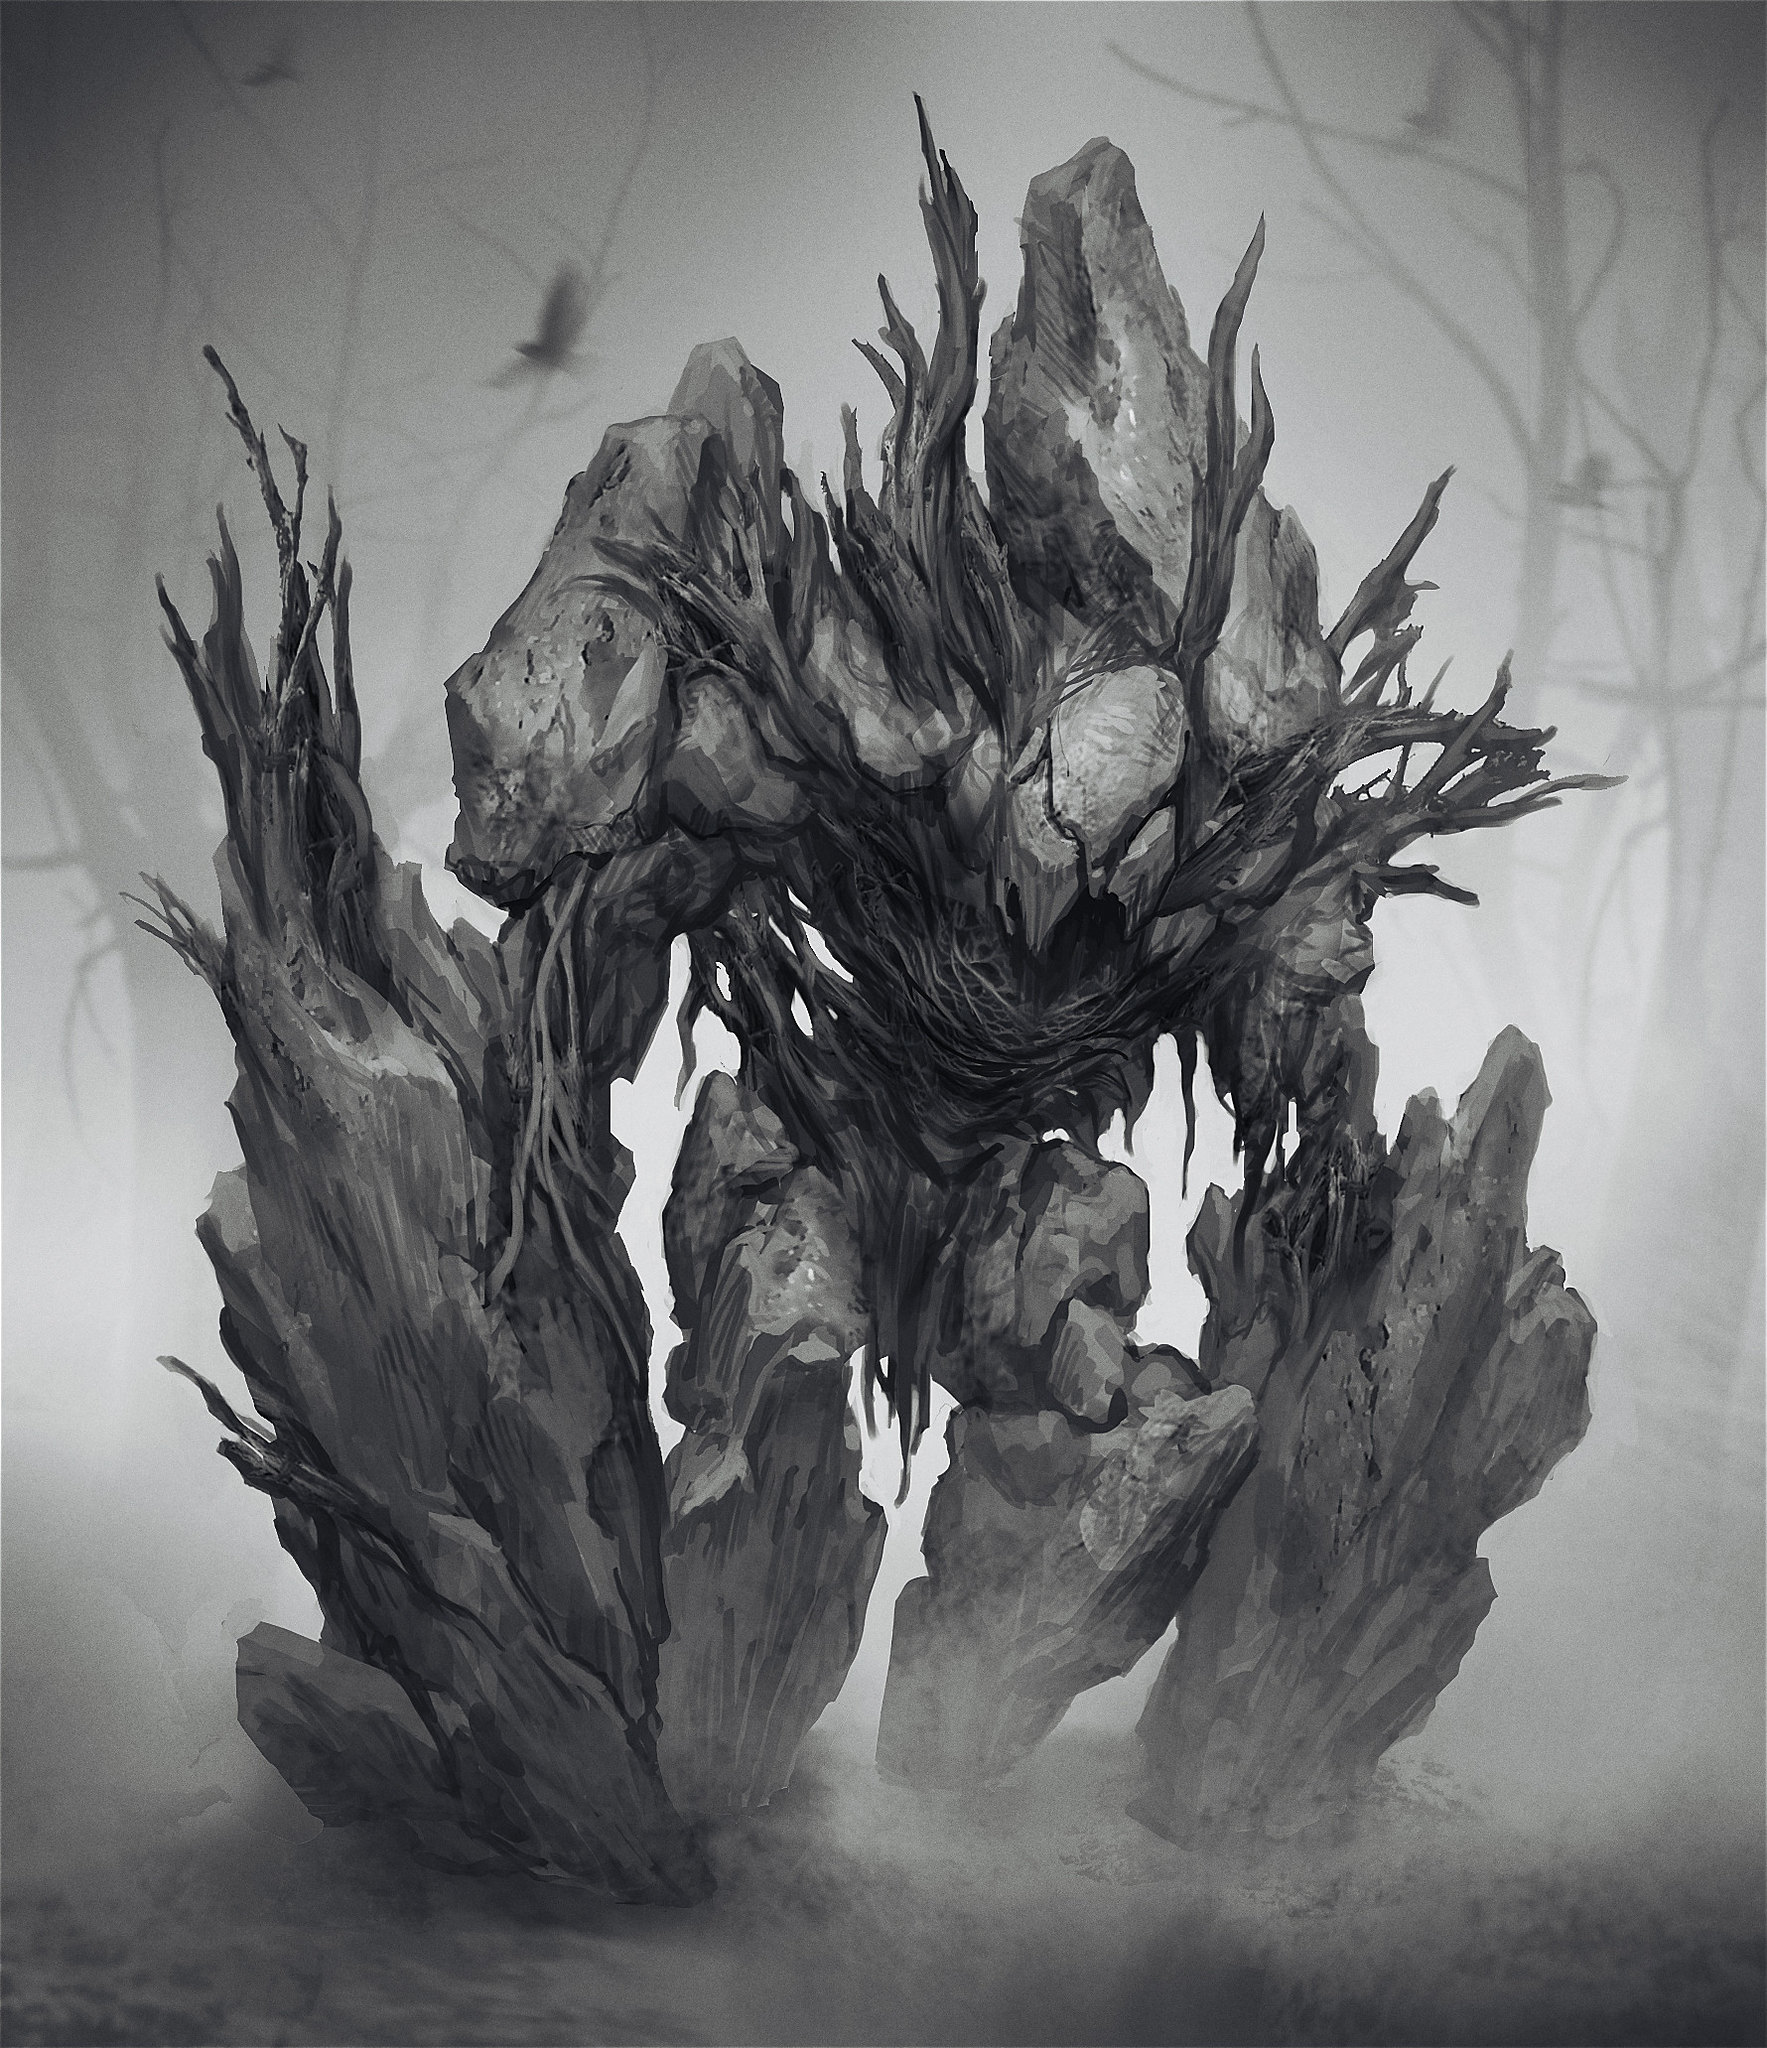 Ранее неопубликованные концепты серии God of War